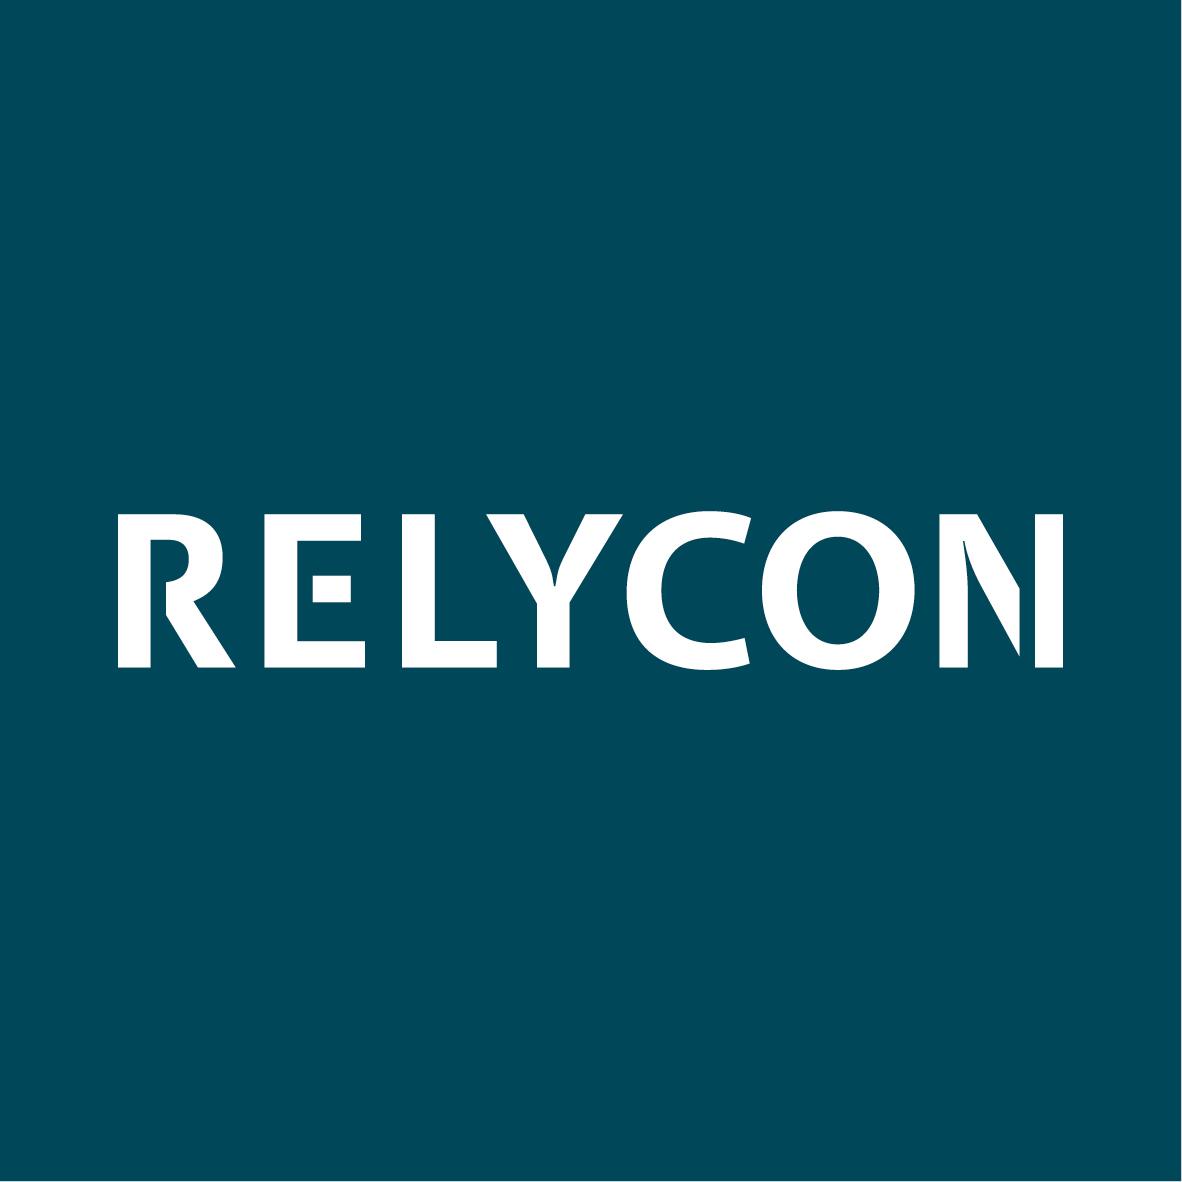 RELYCON logo